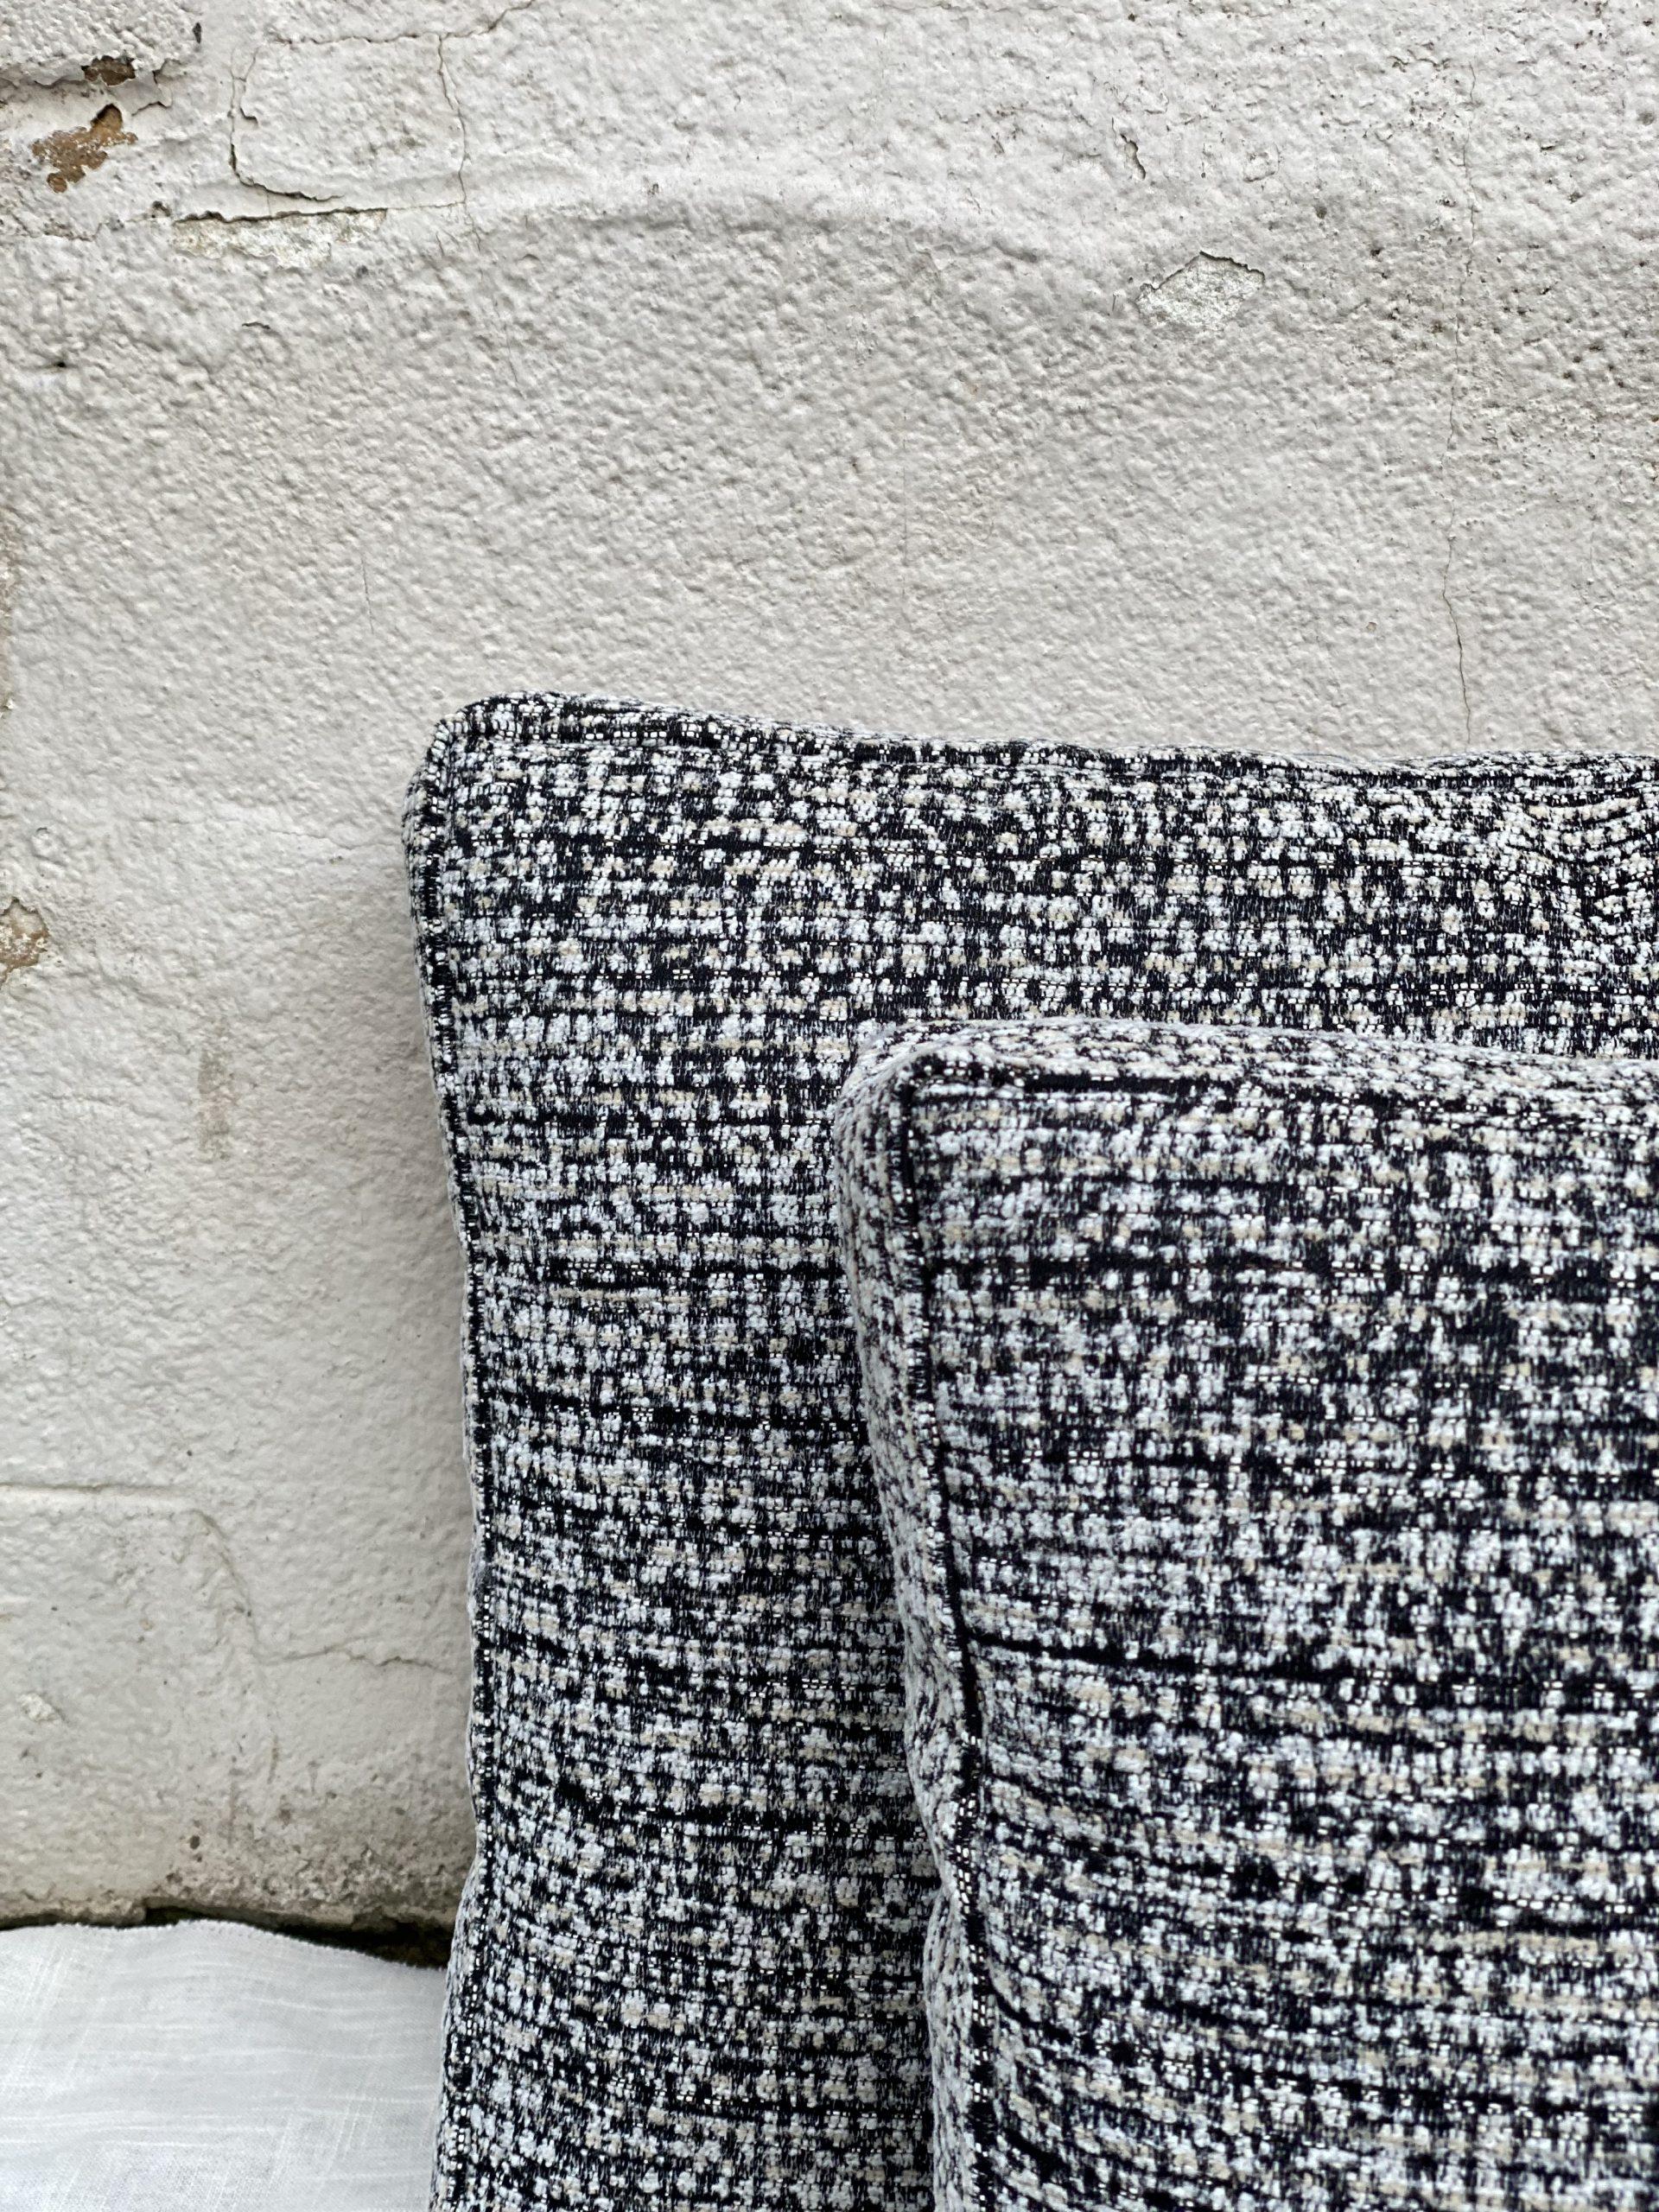 Perennials Pillows